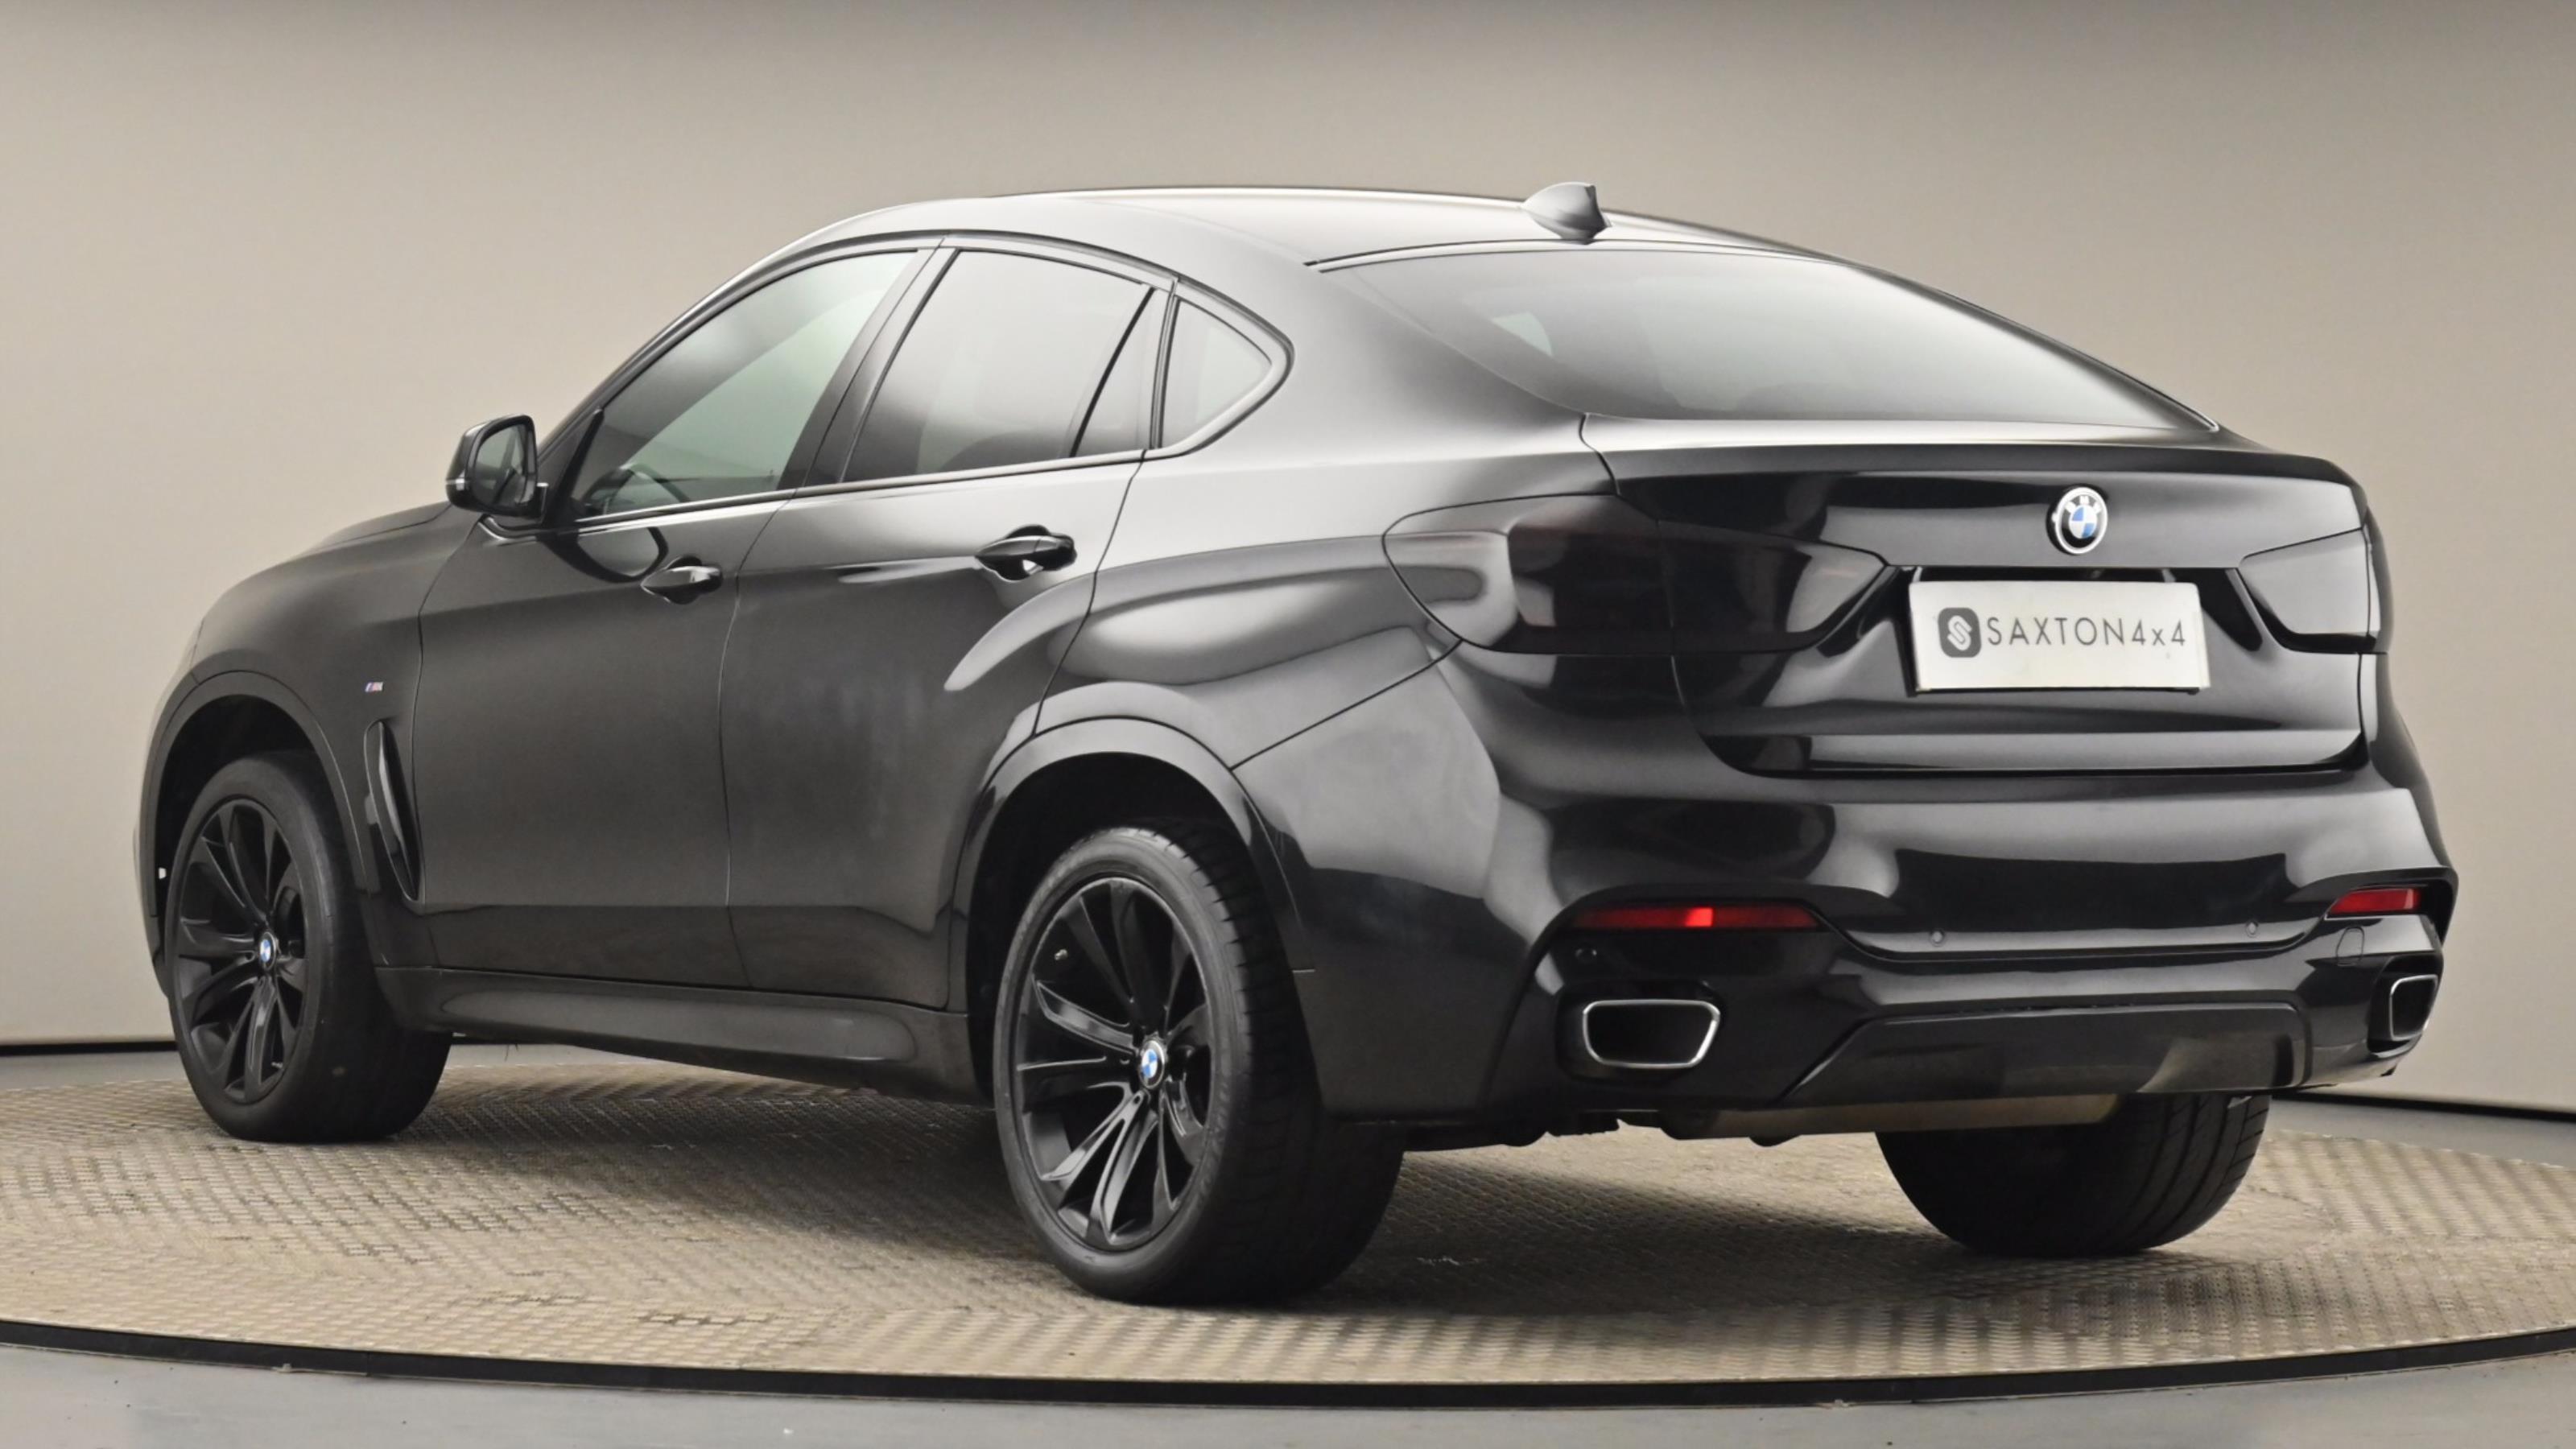 Used 2016 BMW X6 xDrive30d M Sport 5dr Step Auto BLACK at Saxton4x4